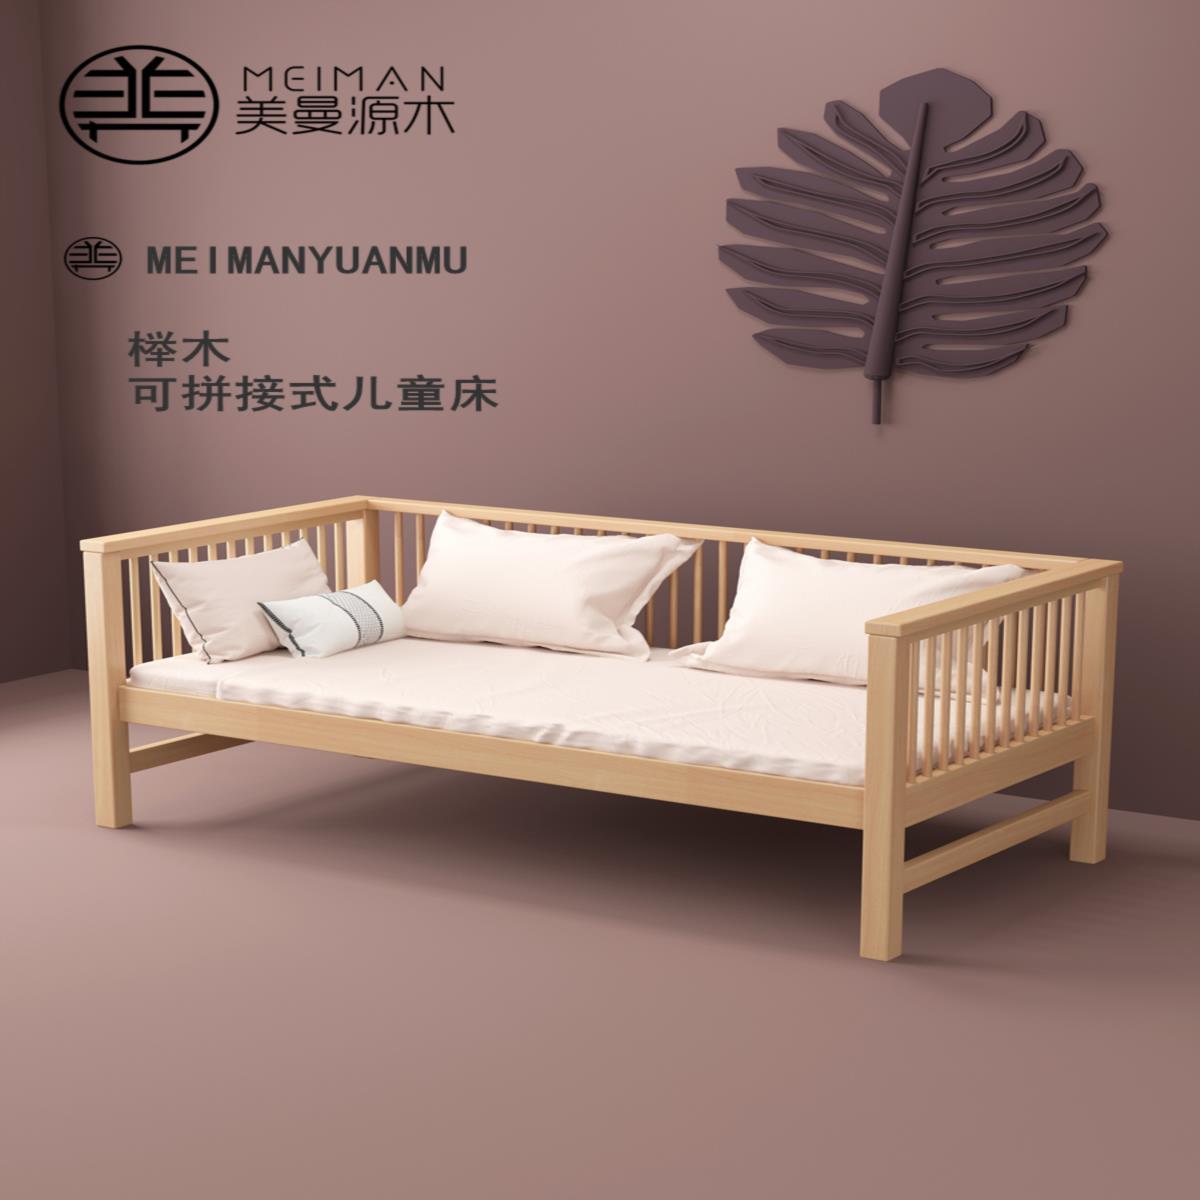 实木儿童床加宽拼接大床带护栏宝宝小床定制延边床男孩单人婴儿床